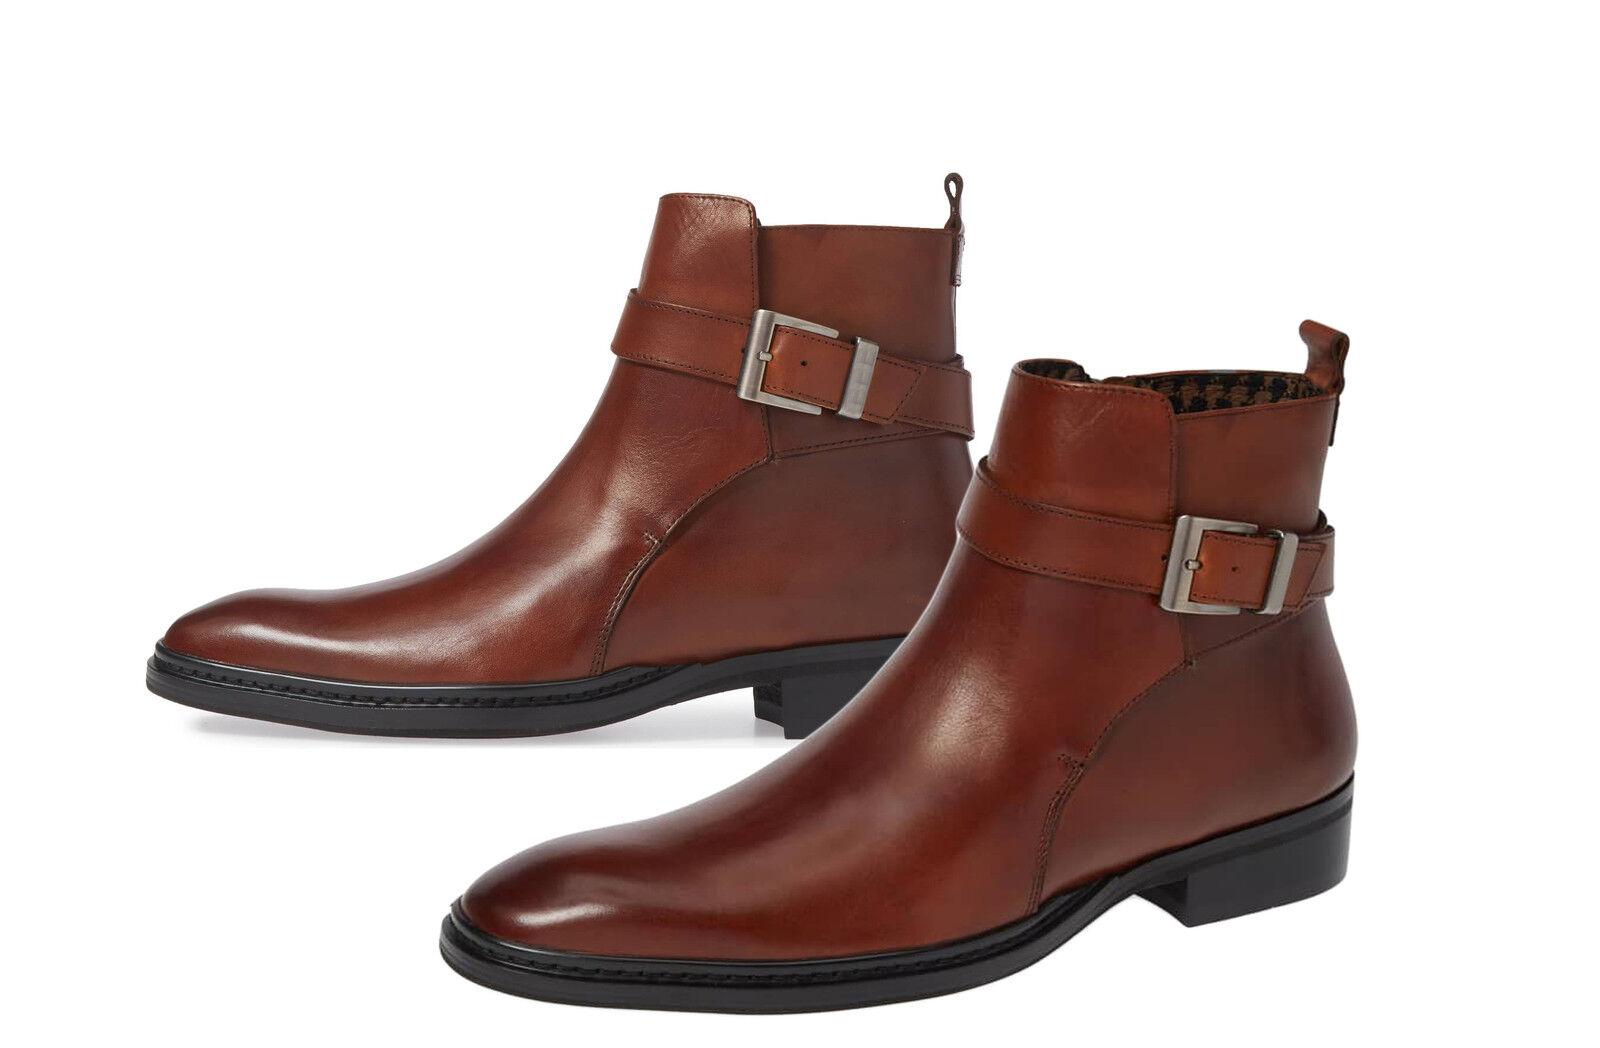 Handmade Handmade Handmade Men braun Jodhpurs Stiefel, Men braun ankle leather Stiefel, Stiefel for men 0078c3